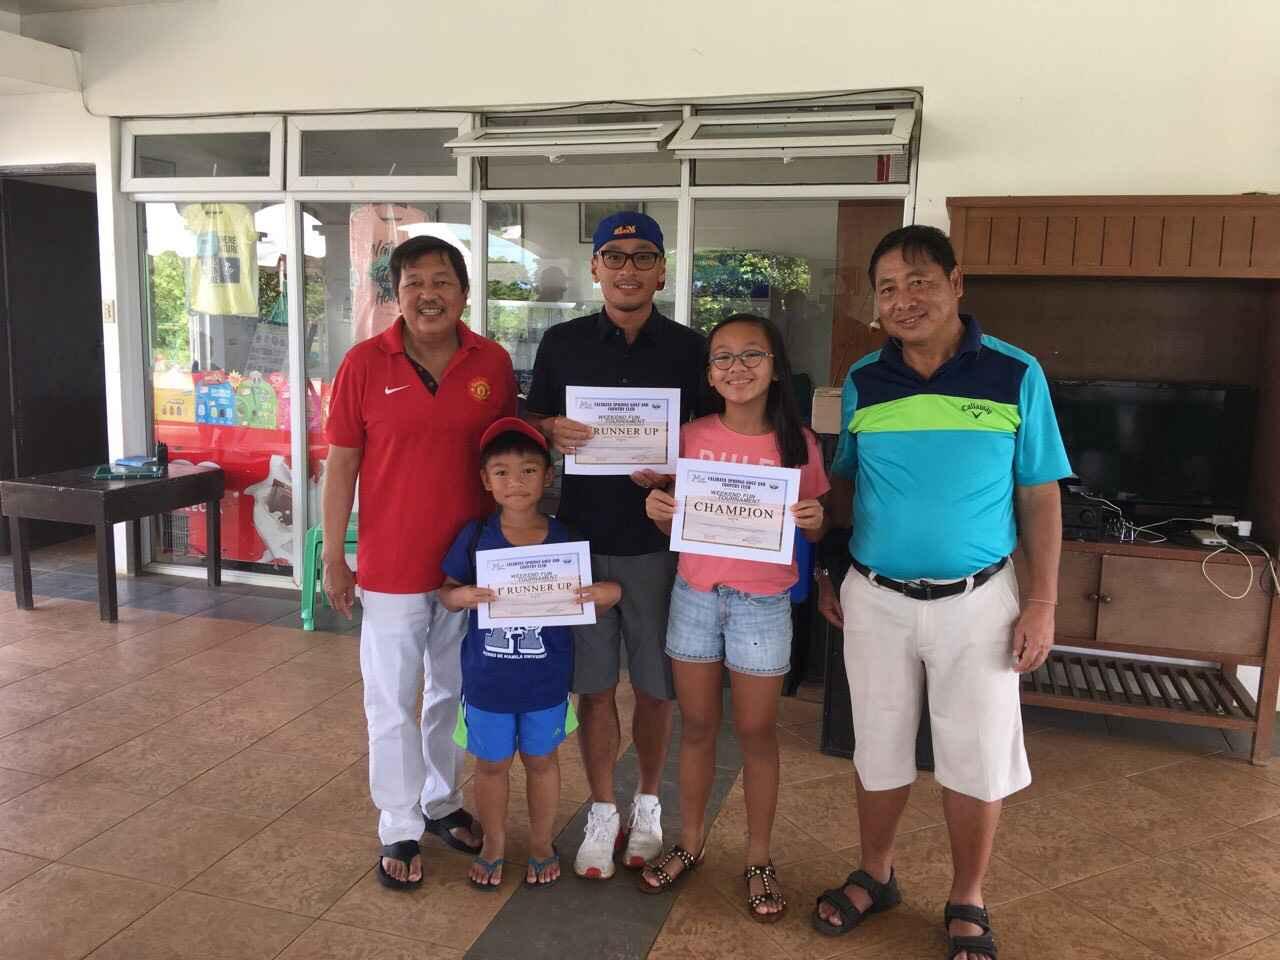 Caliraya_Springs_Golf_Fishing_Tournament-16.jpg